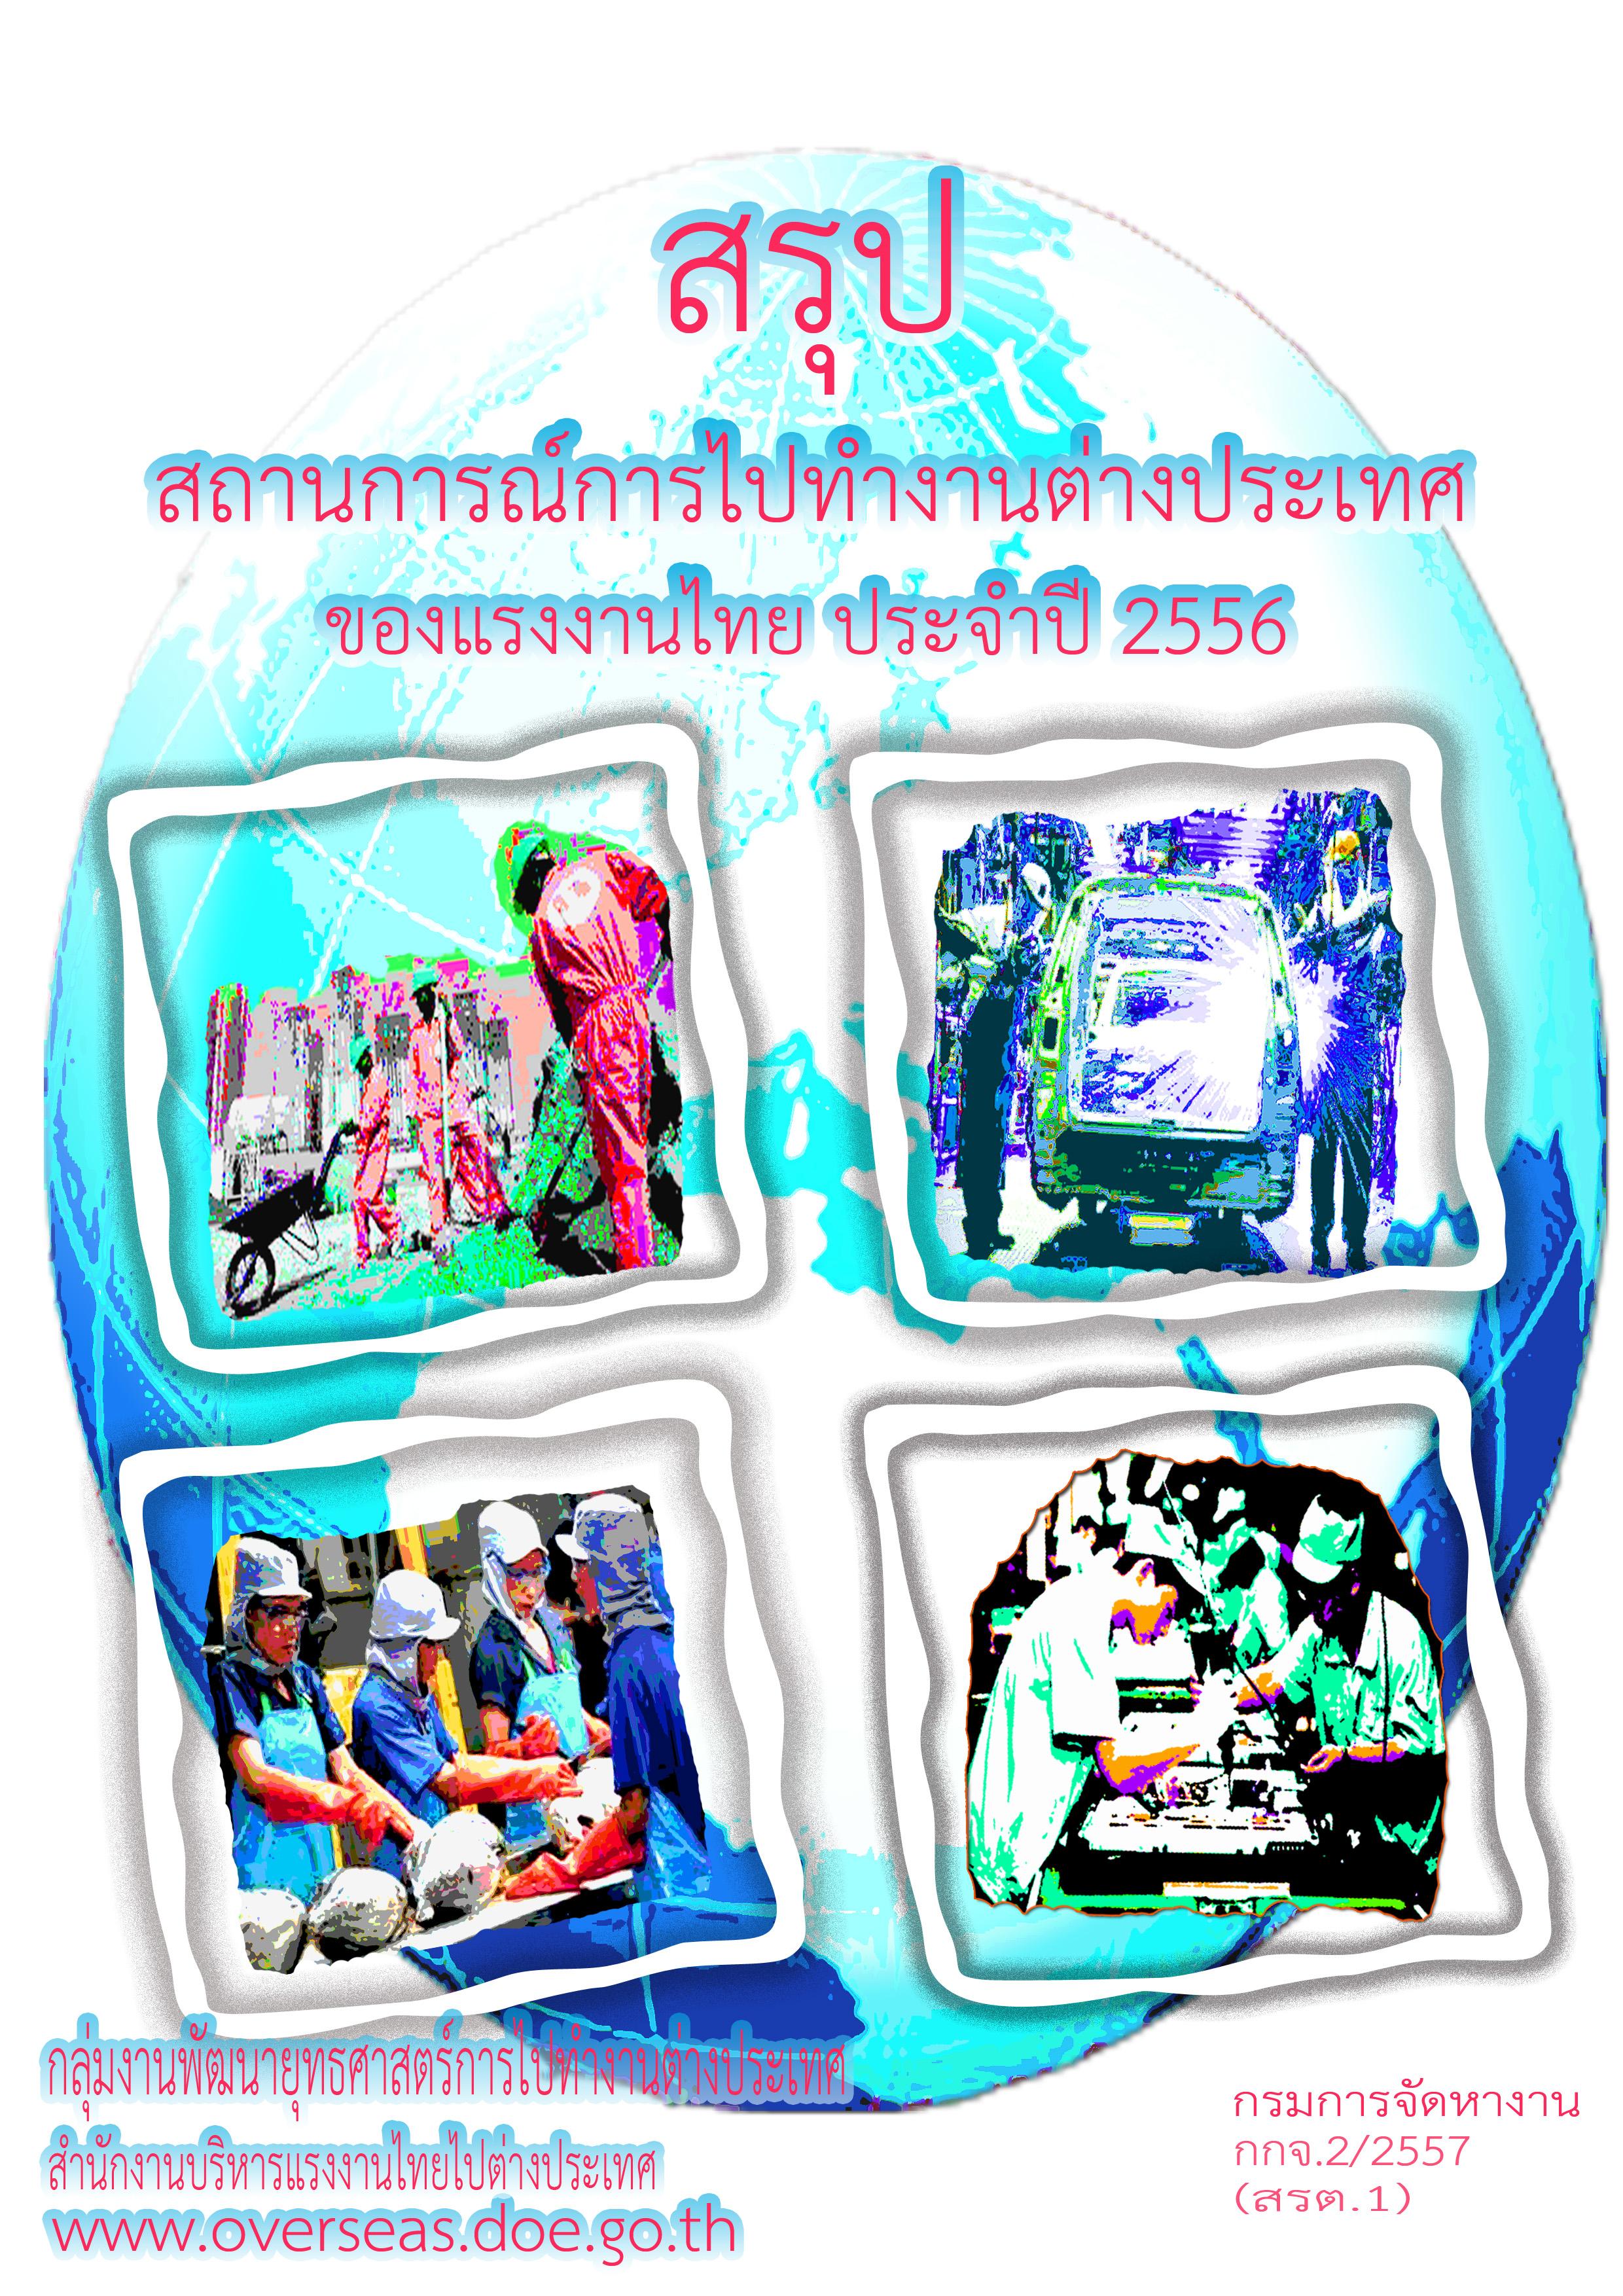 สรุป สถานการณ์การไปทำงานต่างประเทศของแรงงานไทย ประจำปี 2556